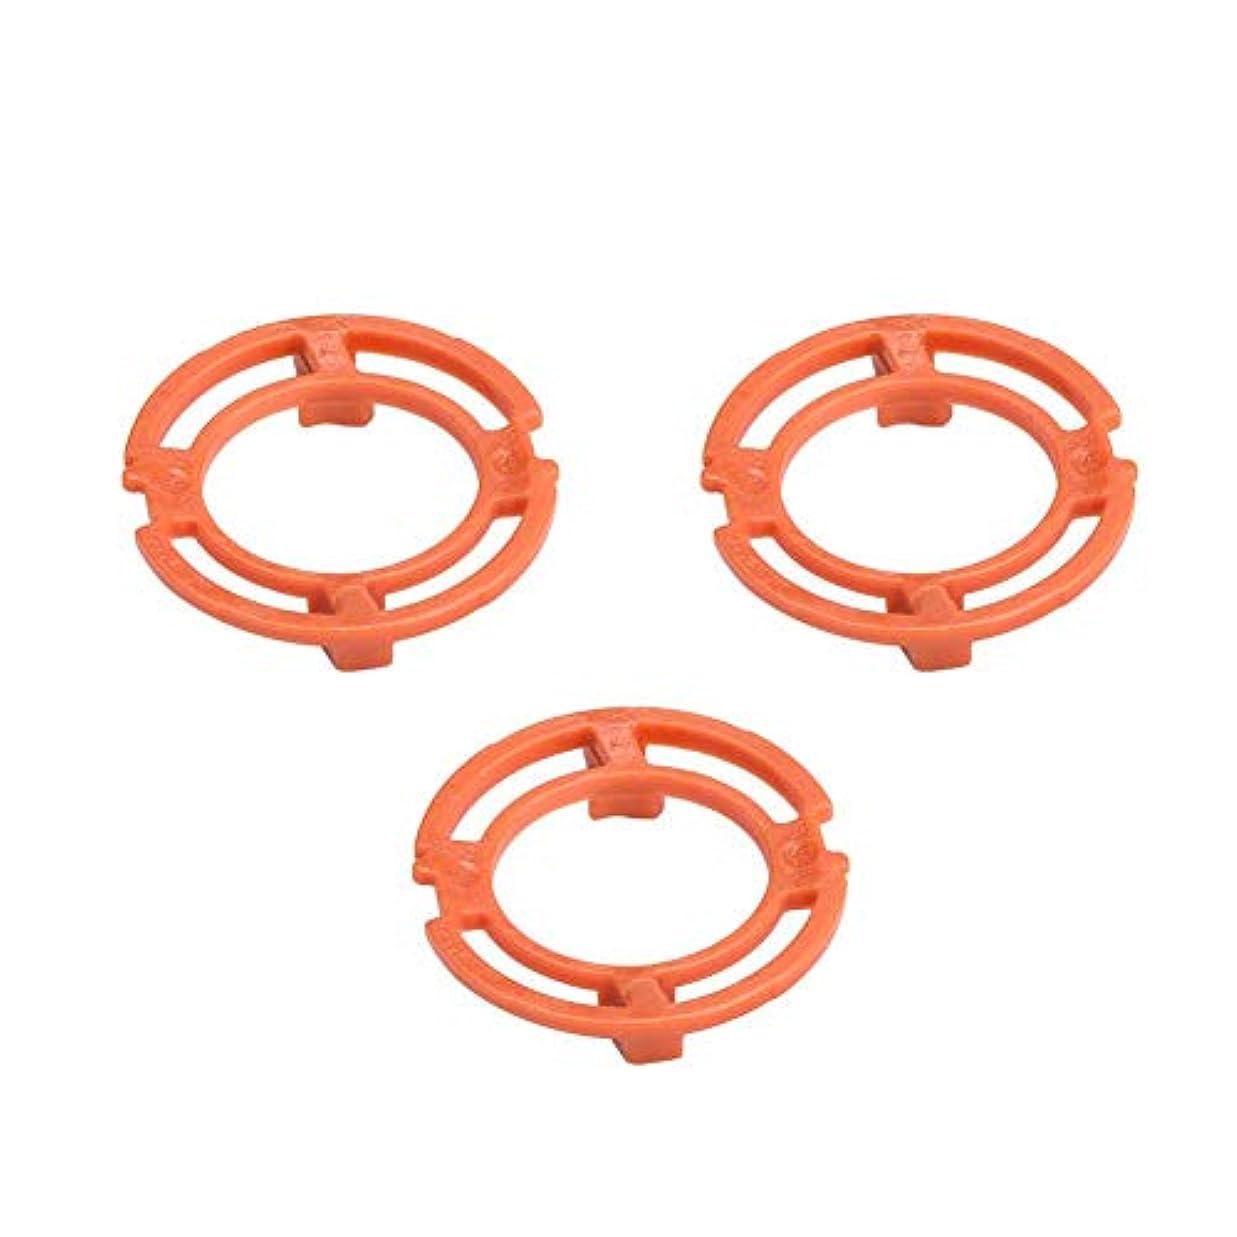 サイクロプスいちゃつくタイルシェーバーヘッドフレームホルダーカバー ブレードフレーム ブレード保持リング Philips Norelco 7000 9000 RQ12シリーズに適用 シェーバー用消耗品 アクセサリ 交換部品 オレンジ 3PCS